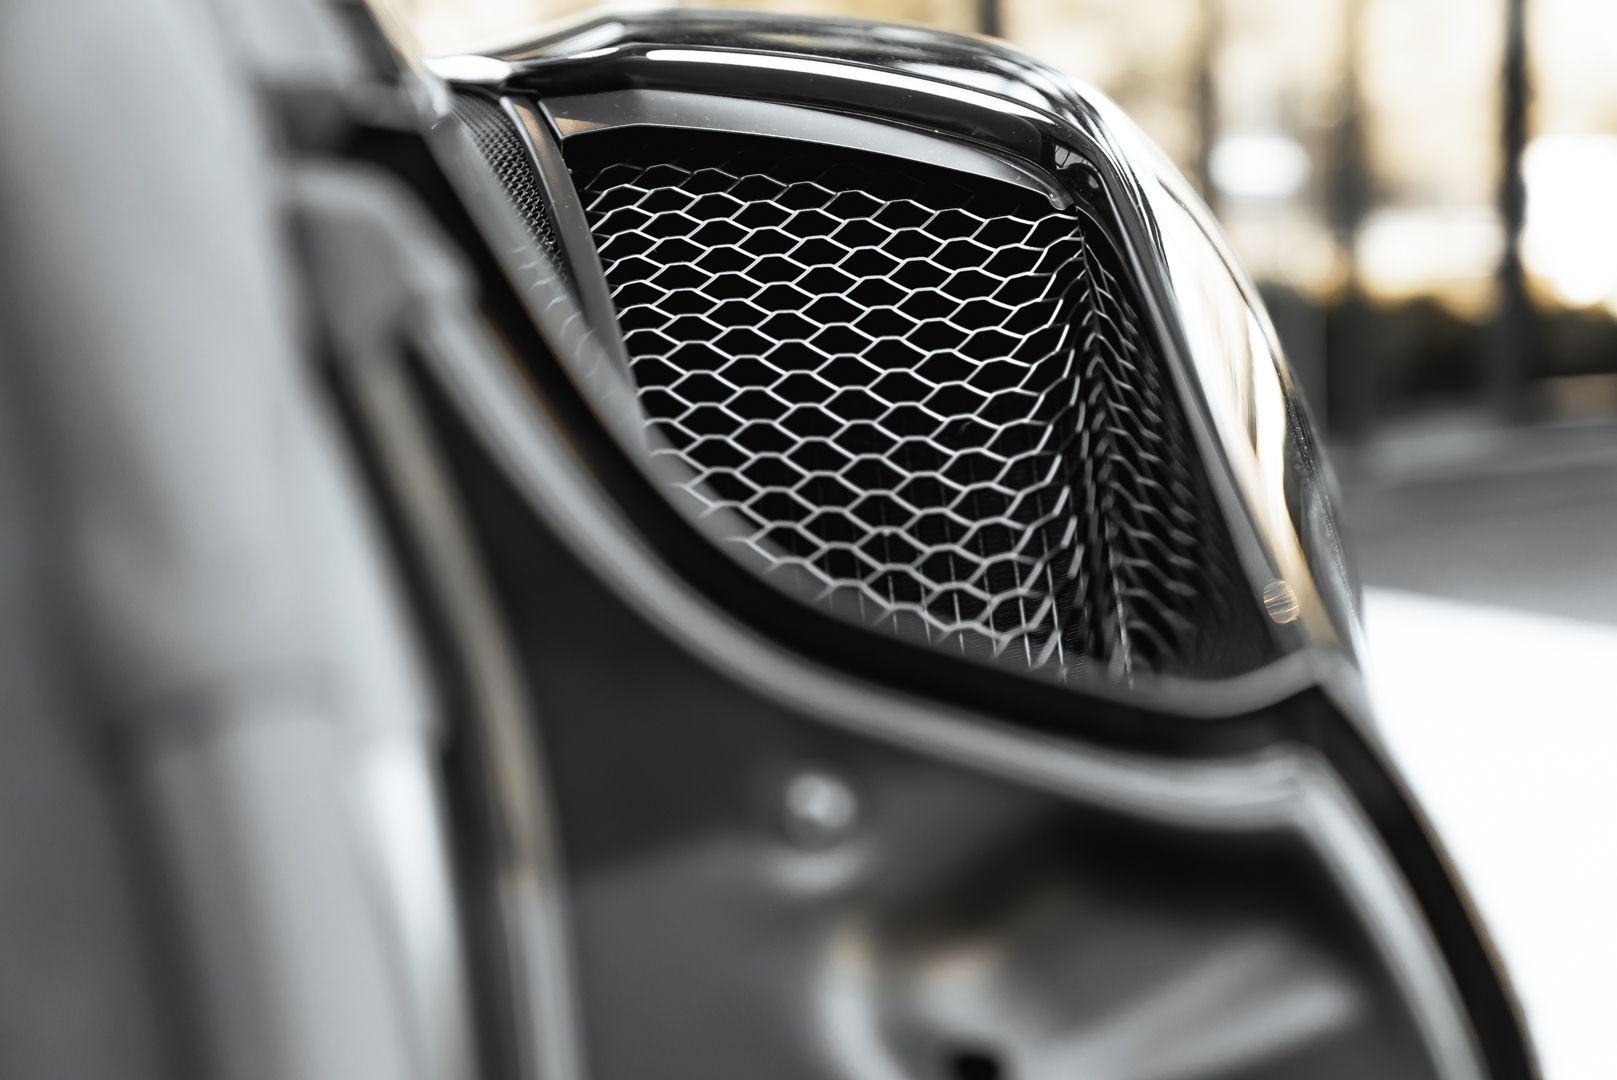 2021 Maserati MC20 84441